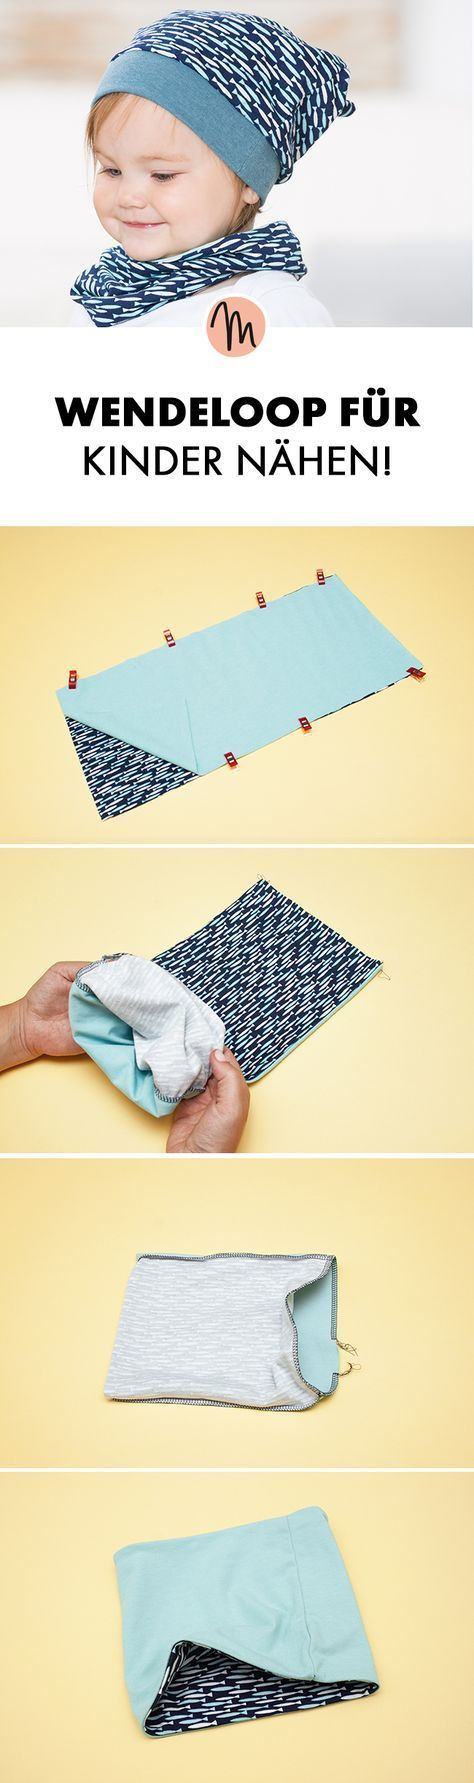 271 best Nähen und Stricken images on Pinterest | Sewing, Sewing ...